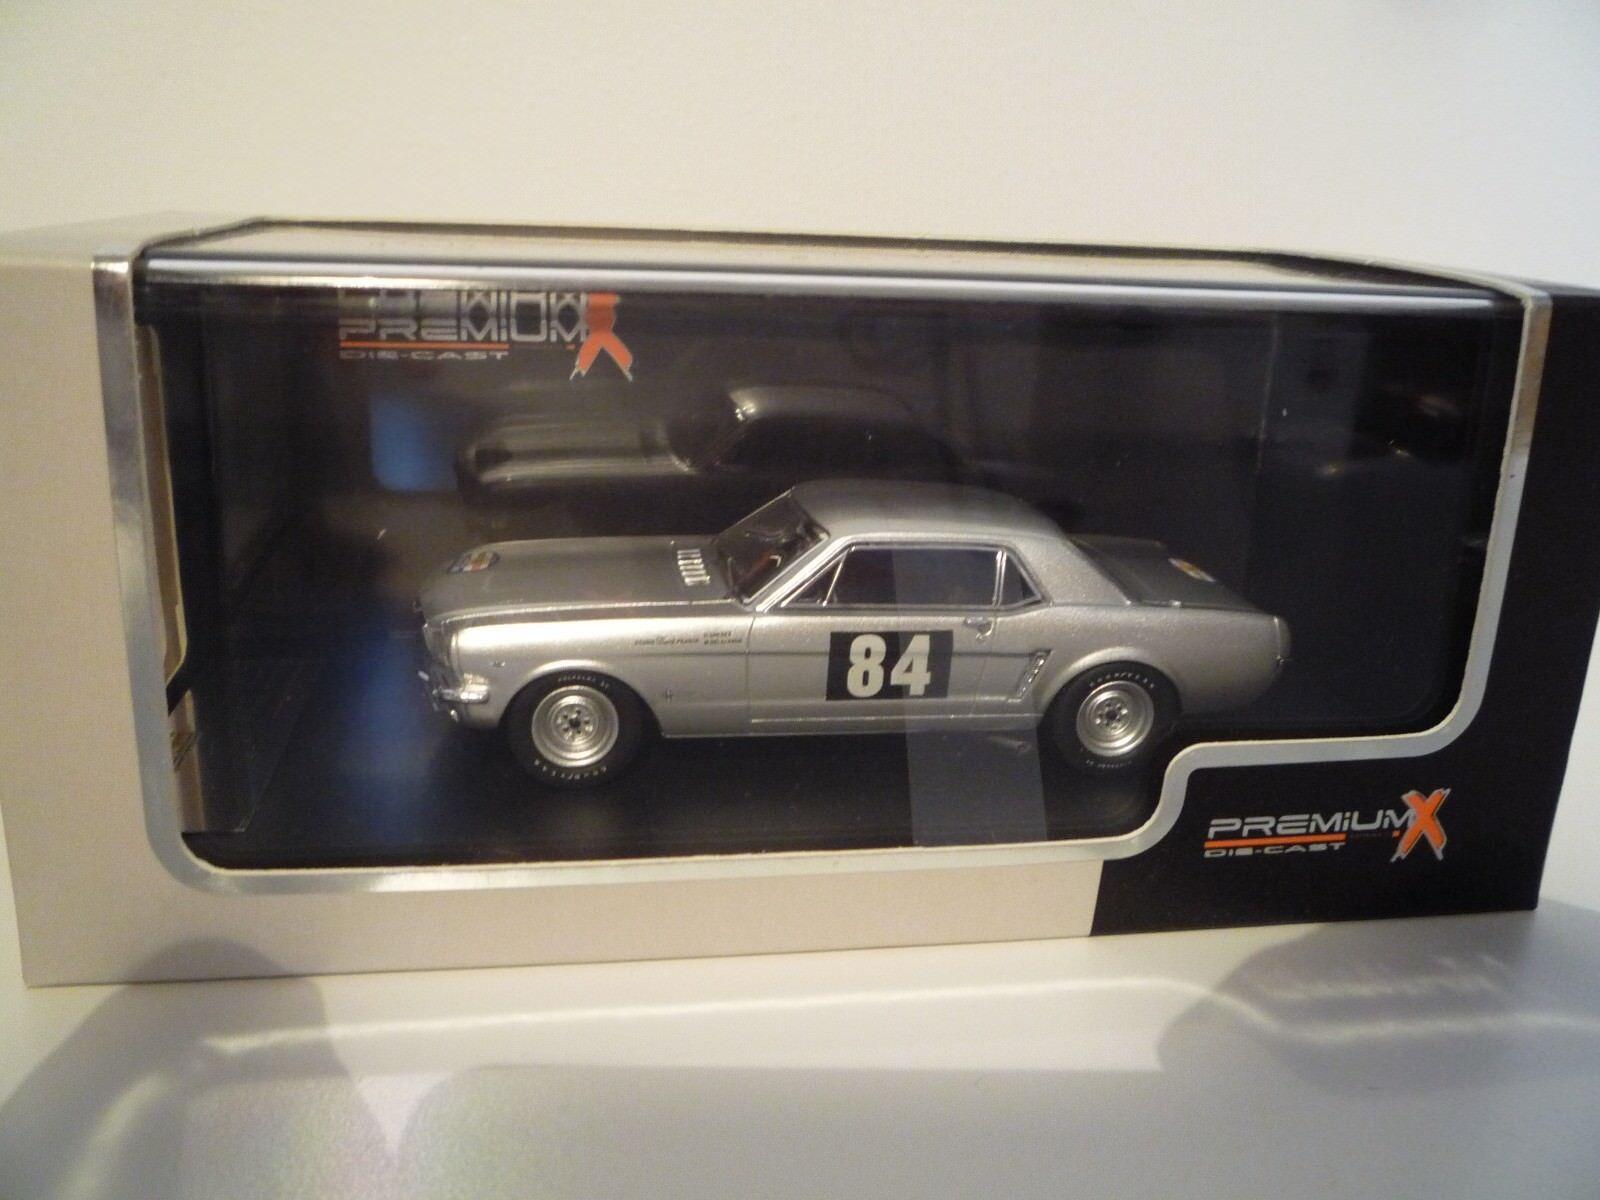 PREMIUM X PRD311 Ford Mustang Tour de france 1964